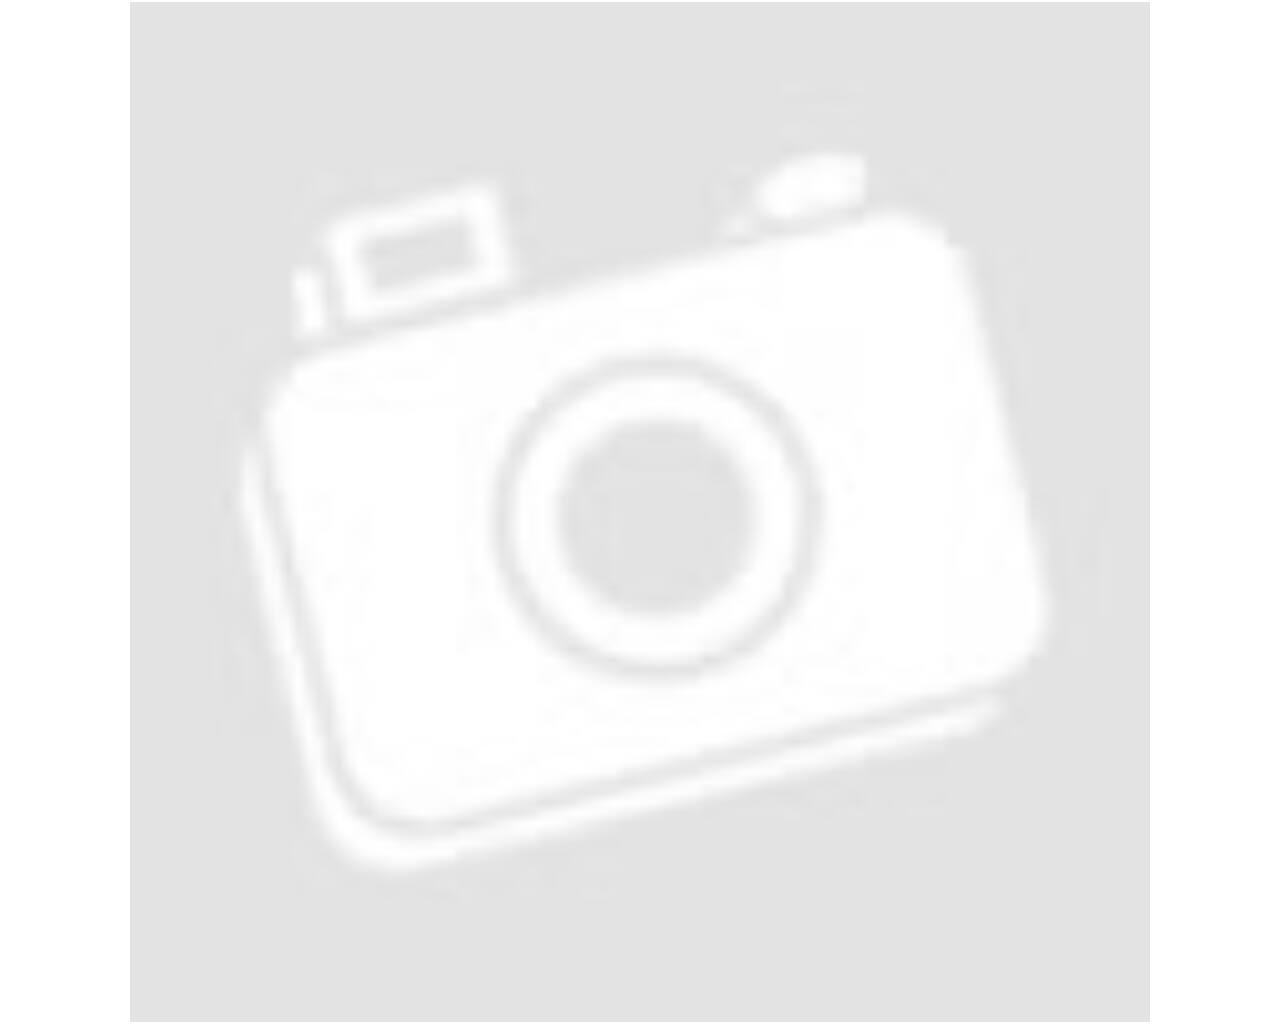 Vasalódeszka, fémszerkezetű, pamutburkolat, foglalat, 120 x 38 x 96 cm